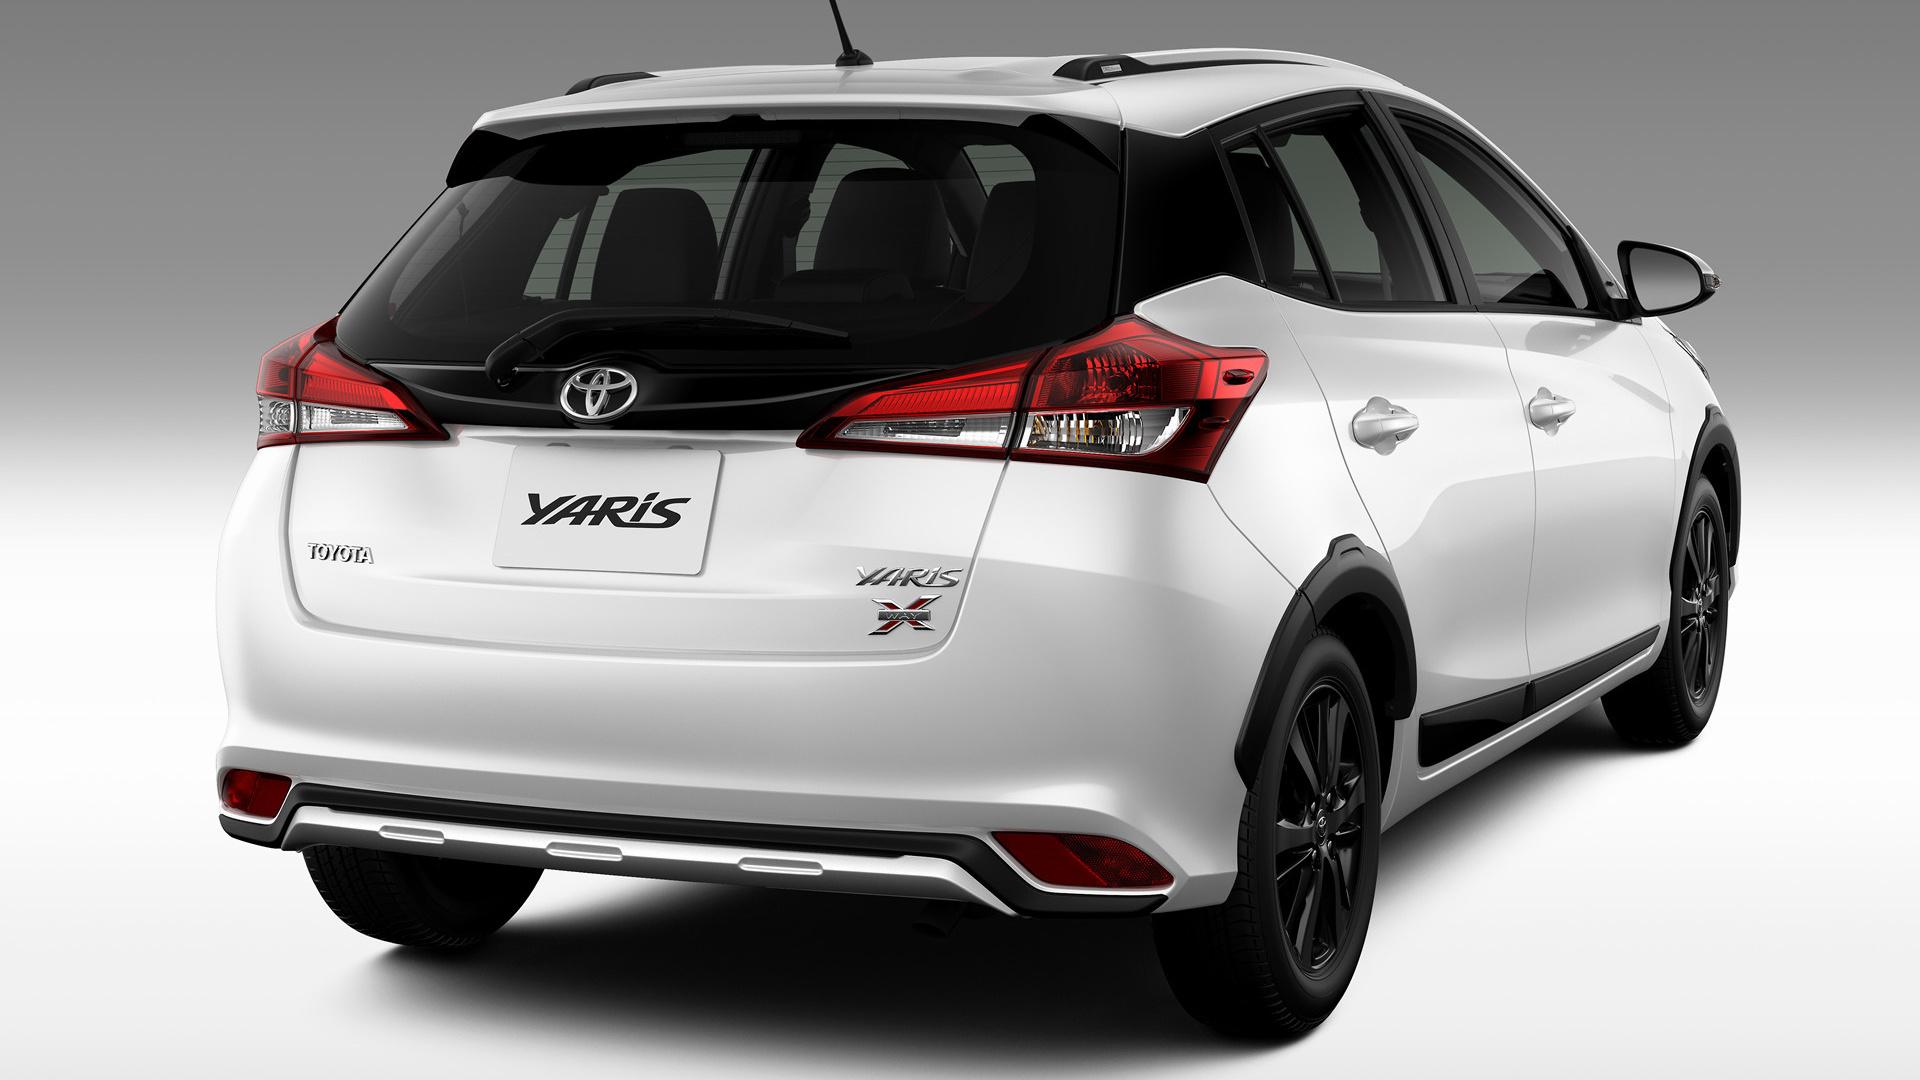 2018 Toyota Yaris X-Way [5-door] (BR) - Wallpapers and HD ...